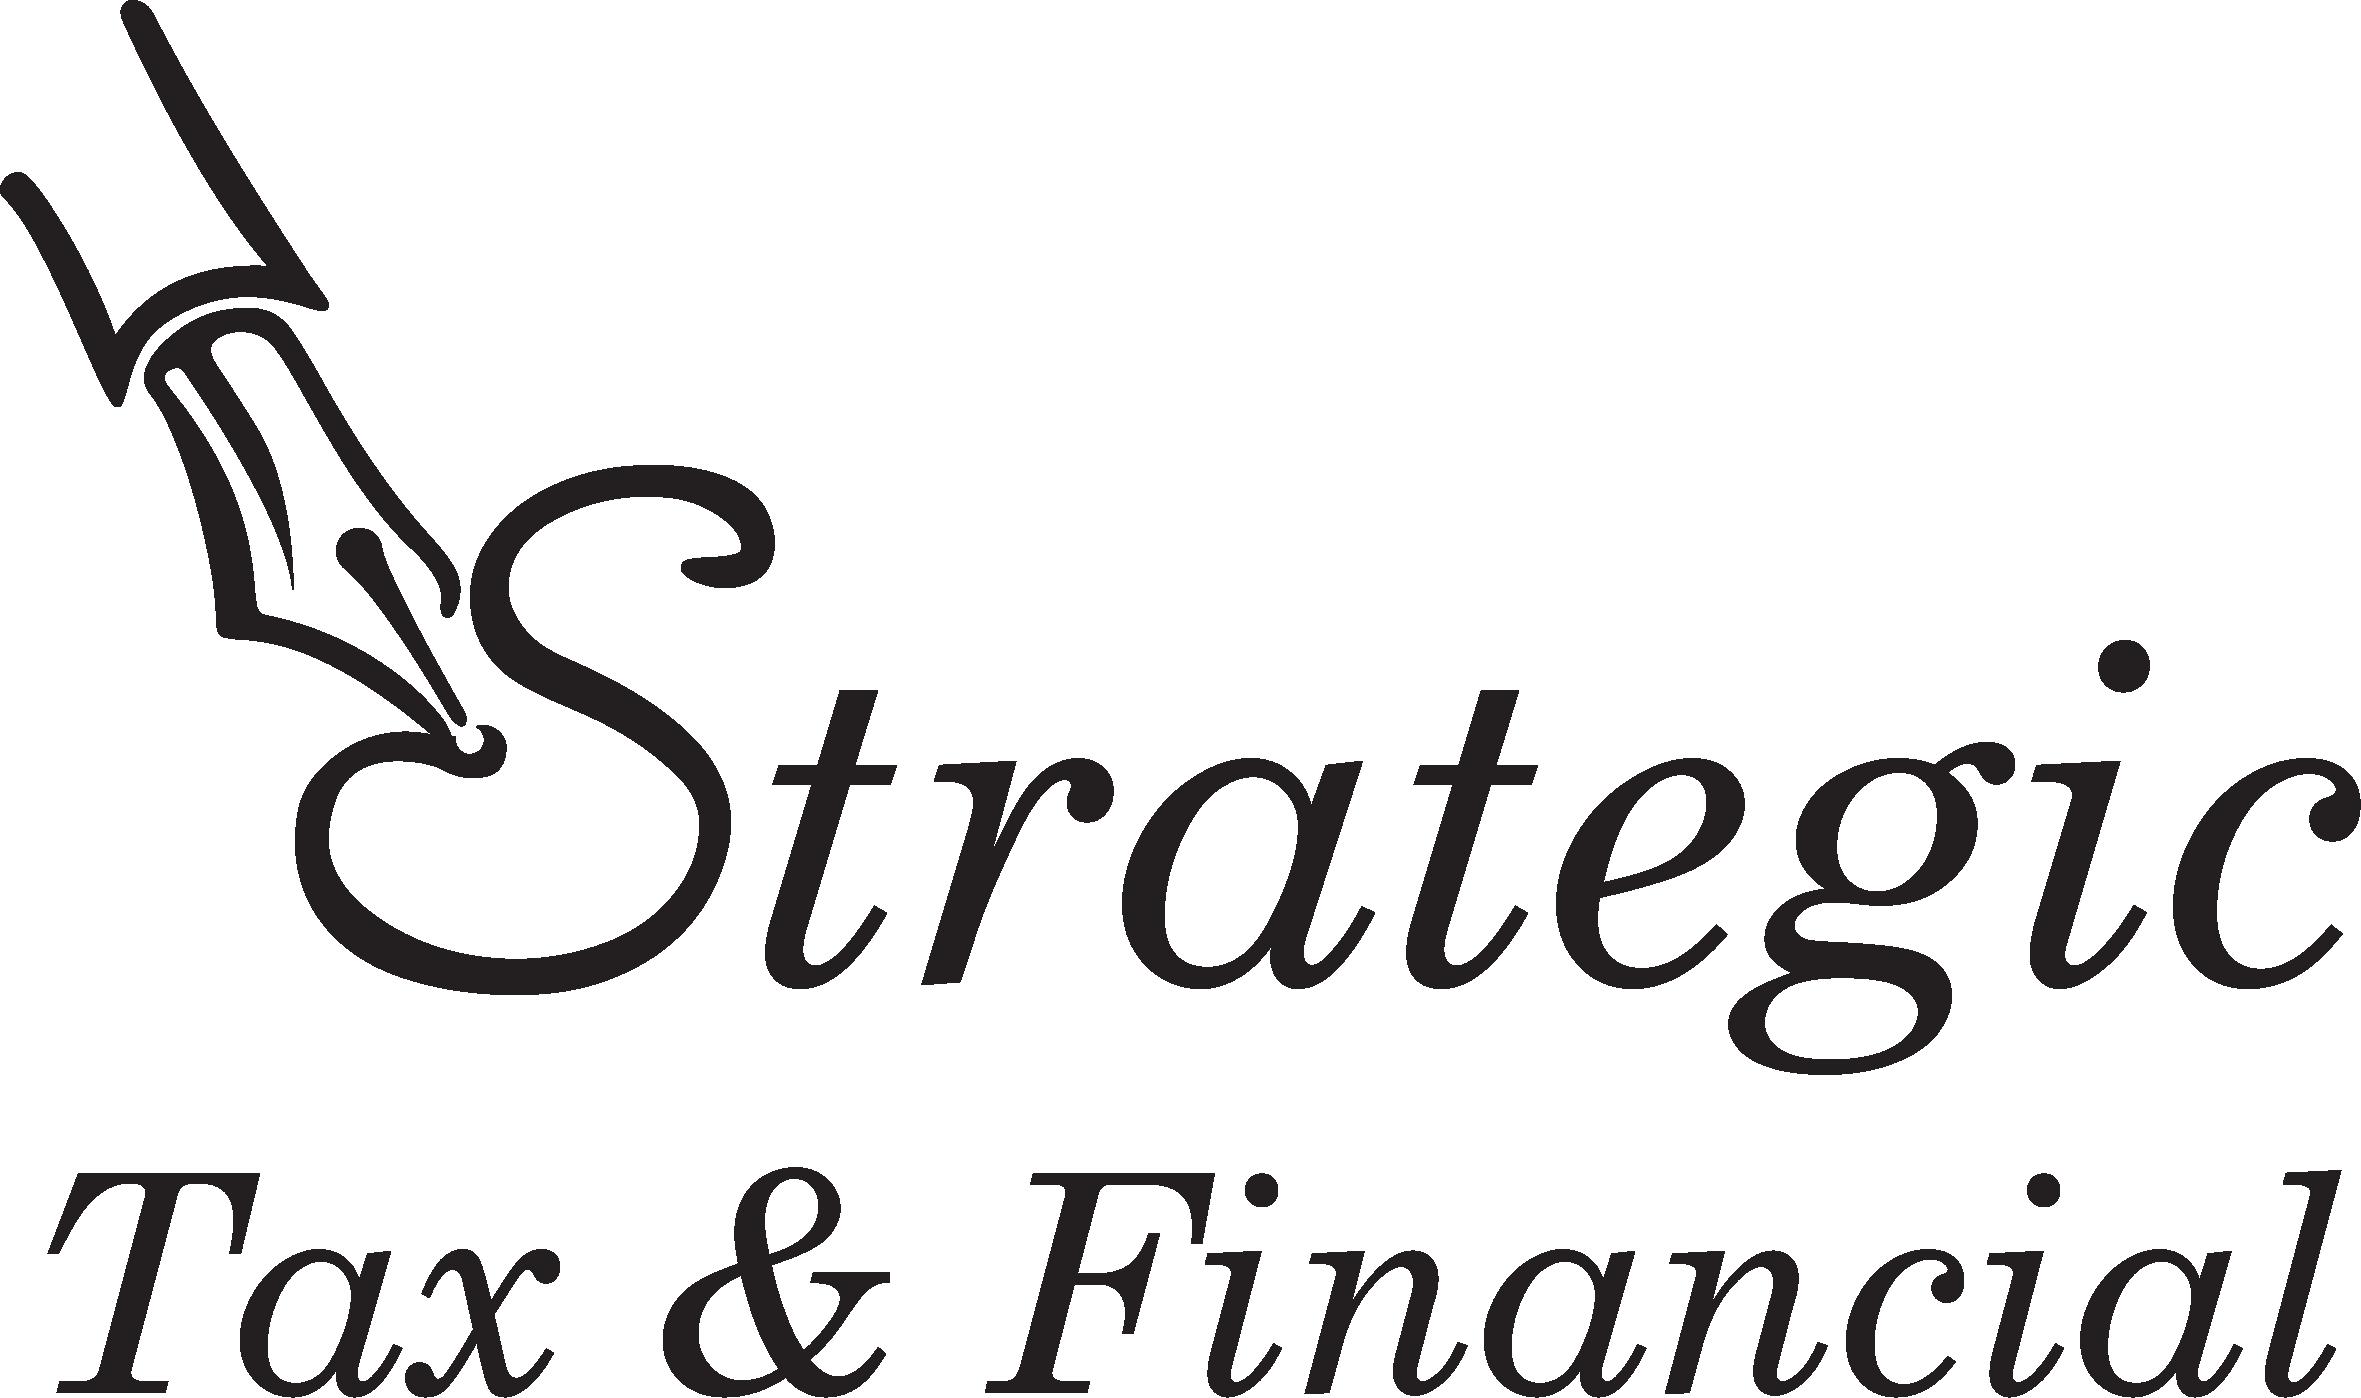 Strategic Tax & Financial